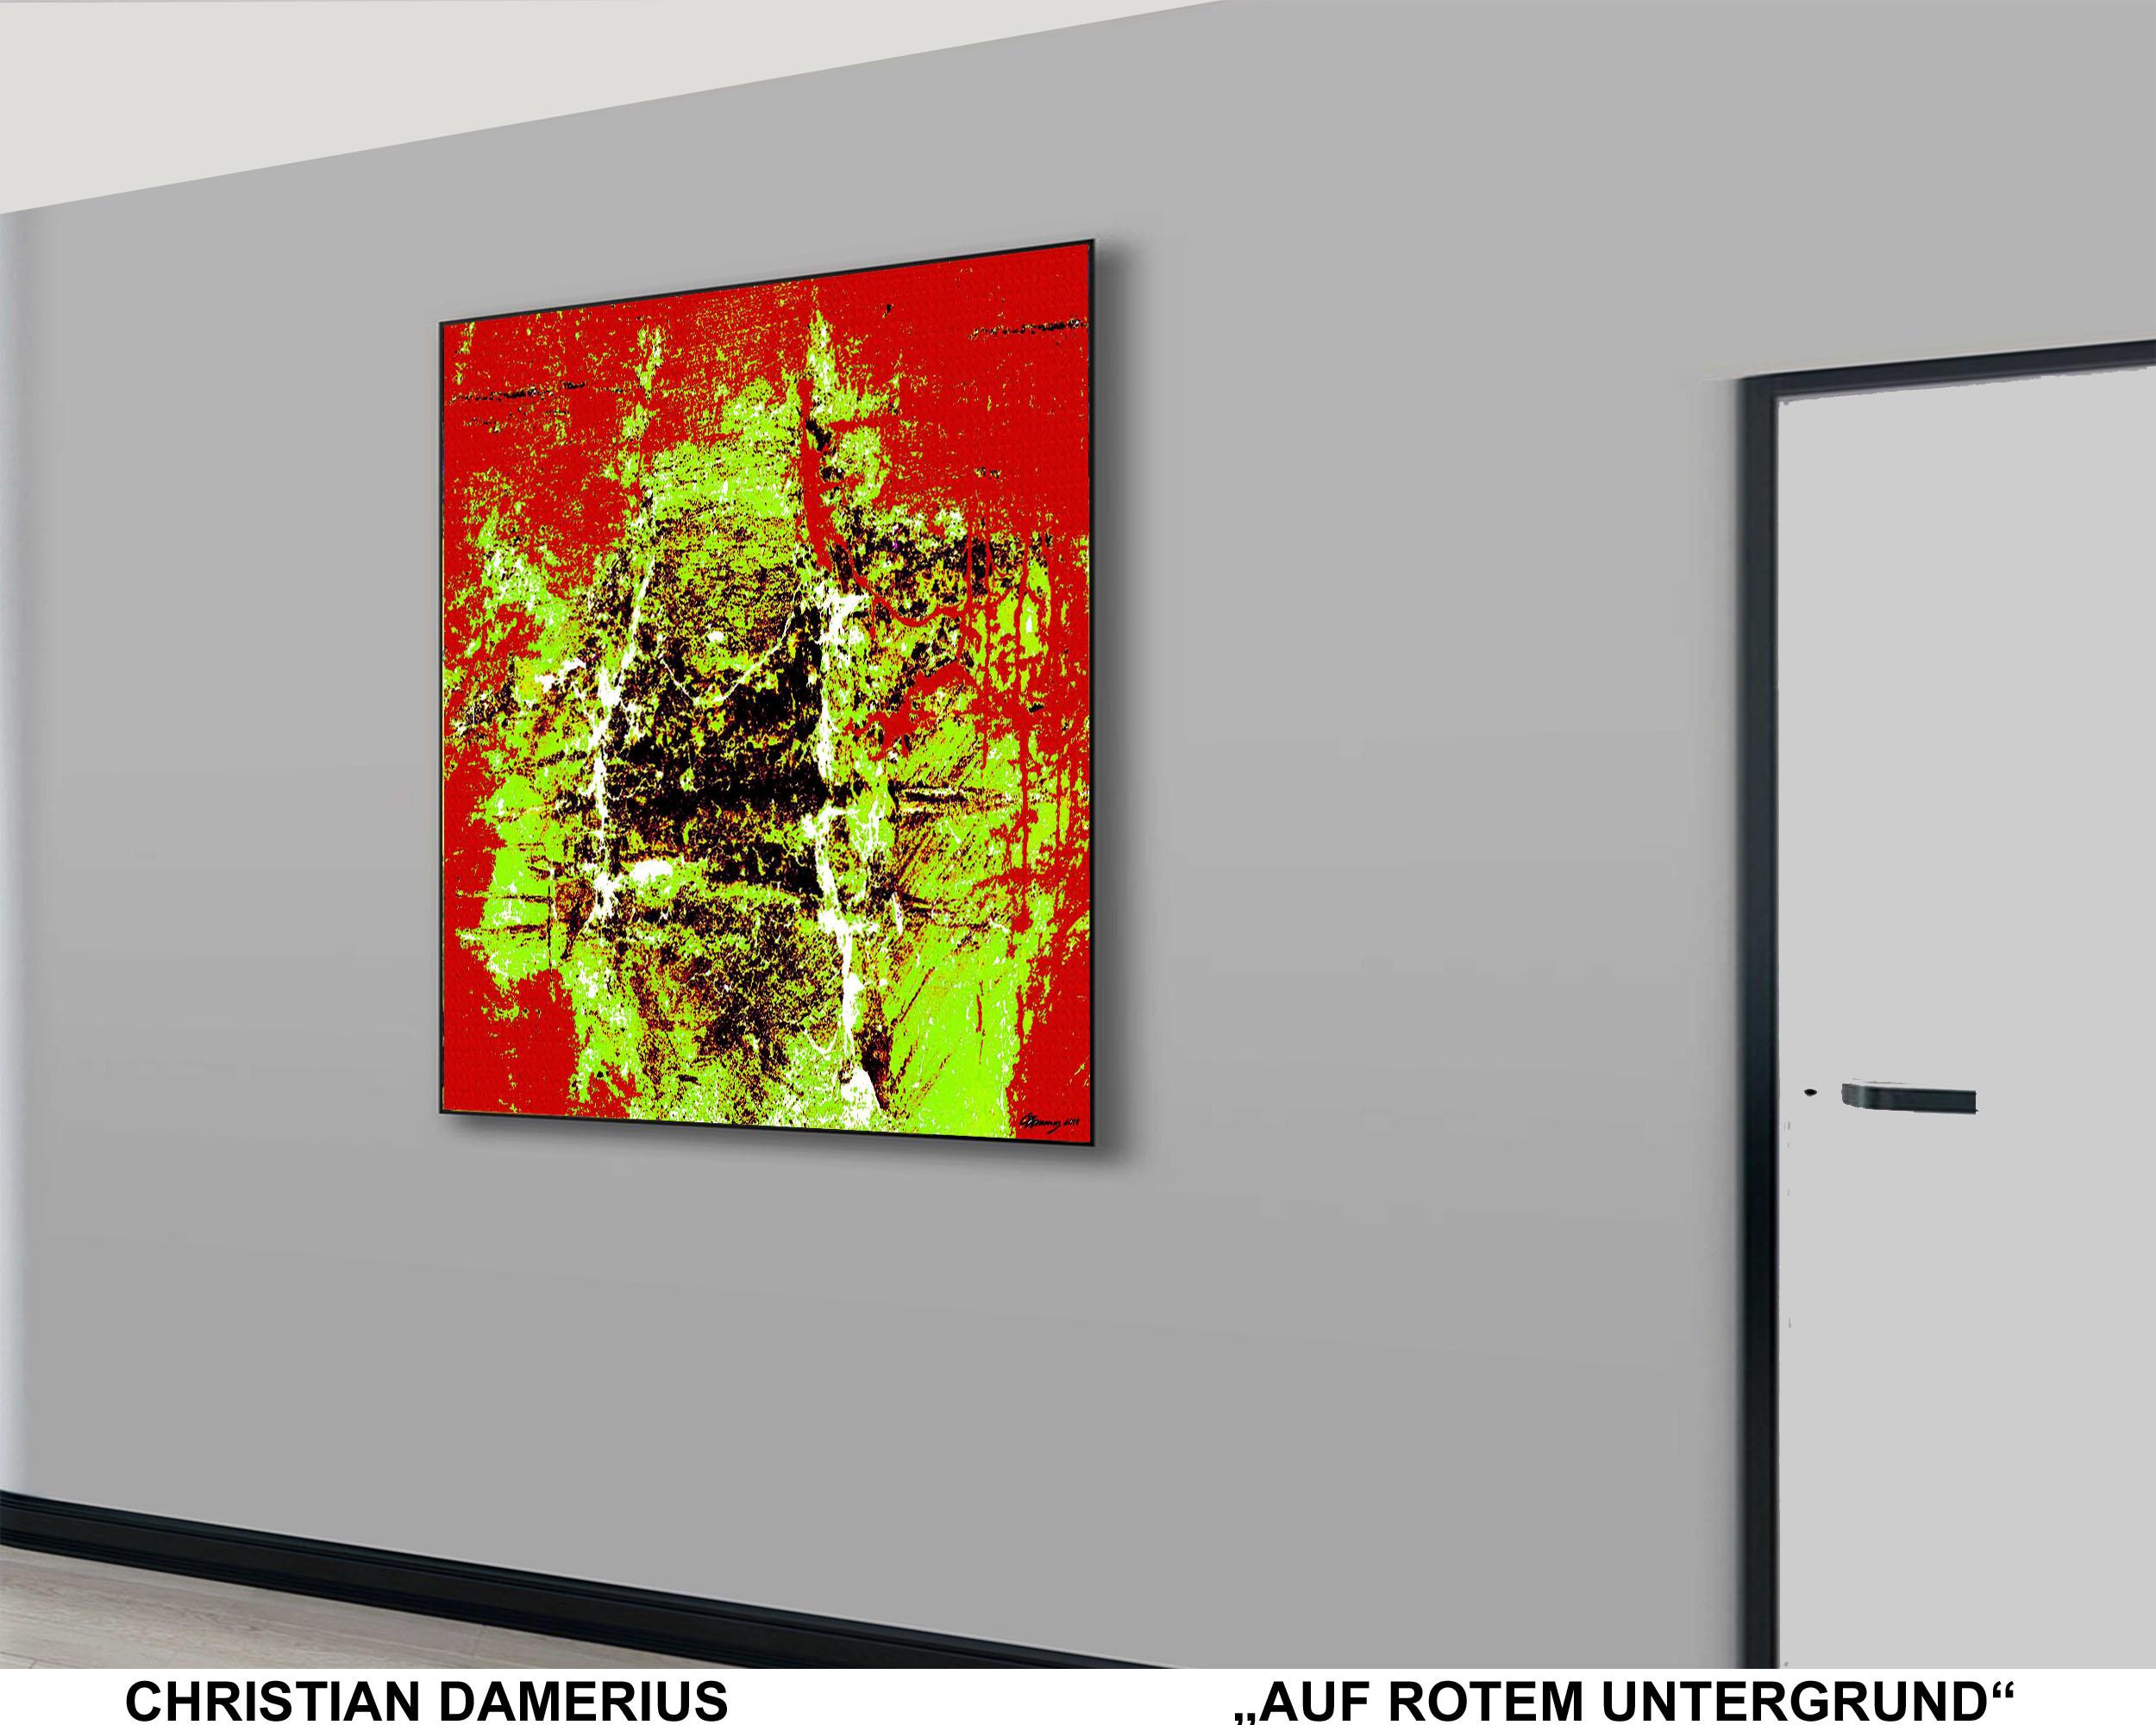 auf rotem untergrund,abstrakte deutsche malerei,bekannte moderne deutsche maler,bilder,gemälde kunstdrucke für wohnräume,wohnzimmer,büros,arbeitsplätze,gemälde kunstdrucke kaufen,kunstdrucke gerahmt,